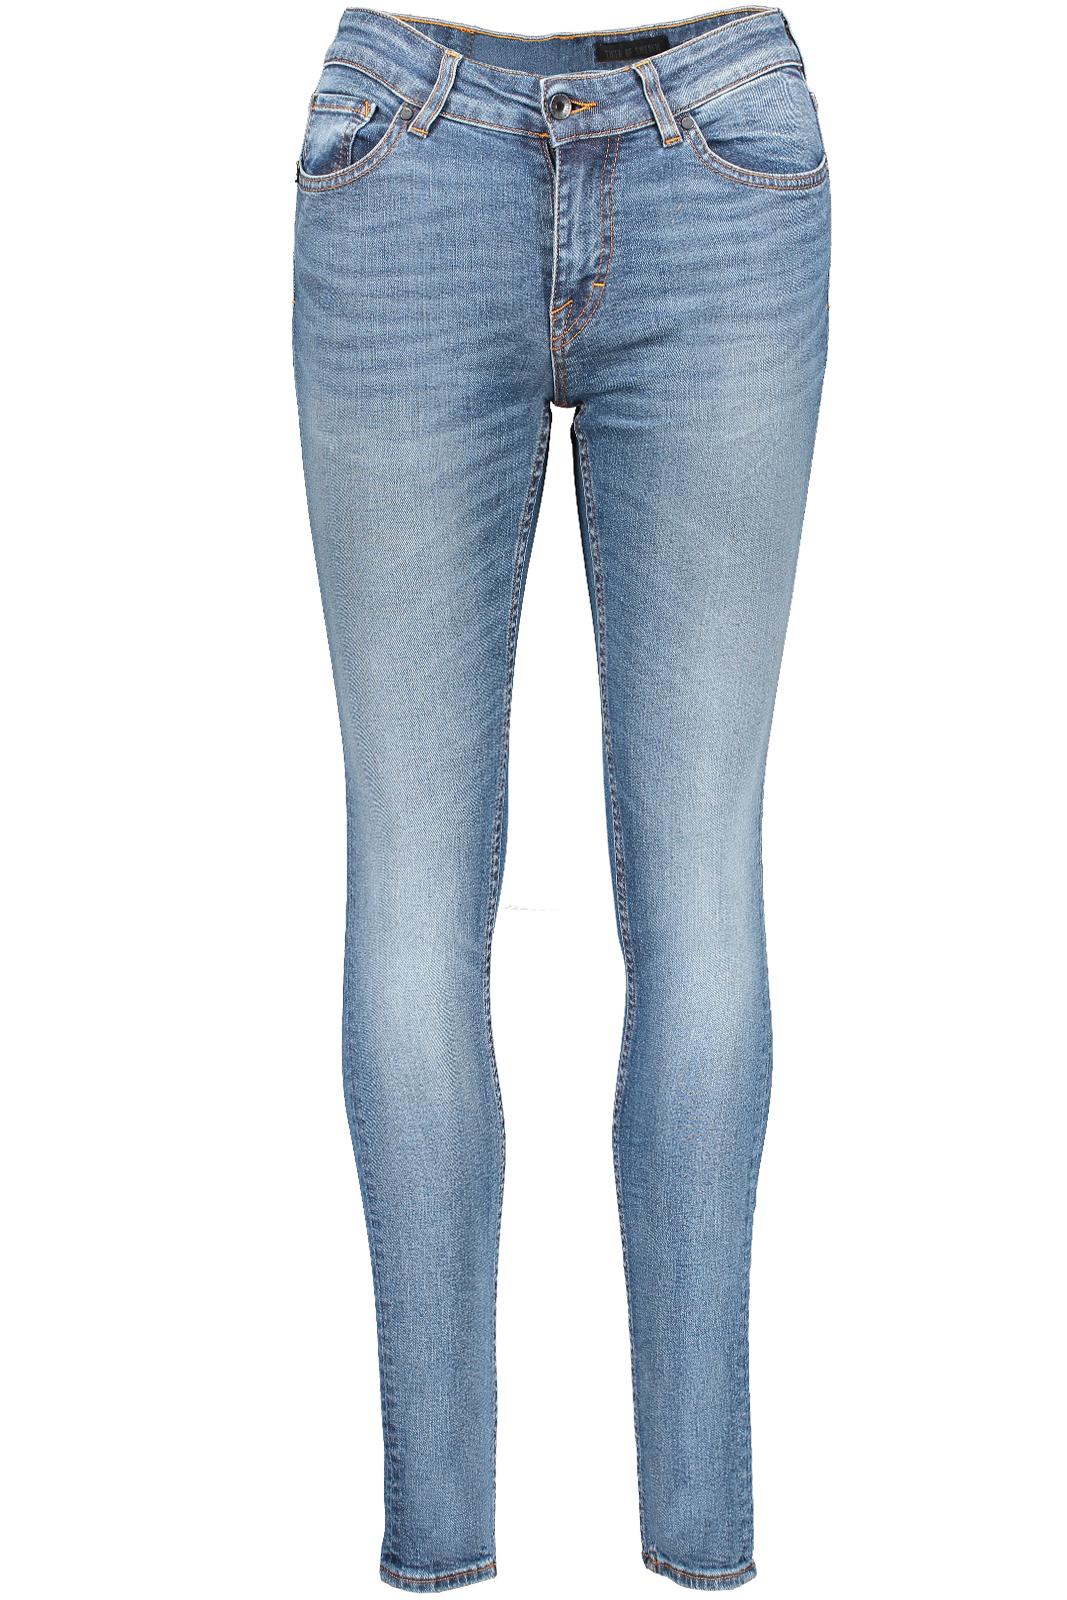 tiger of sweden jeans skin jacka dam